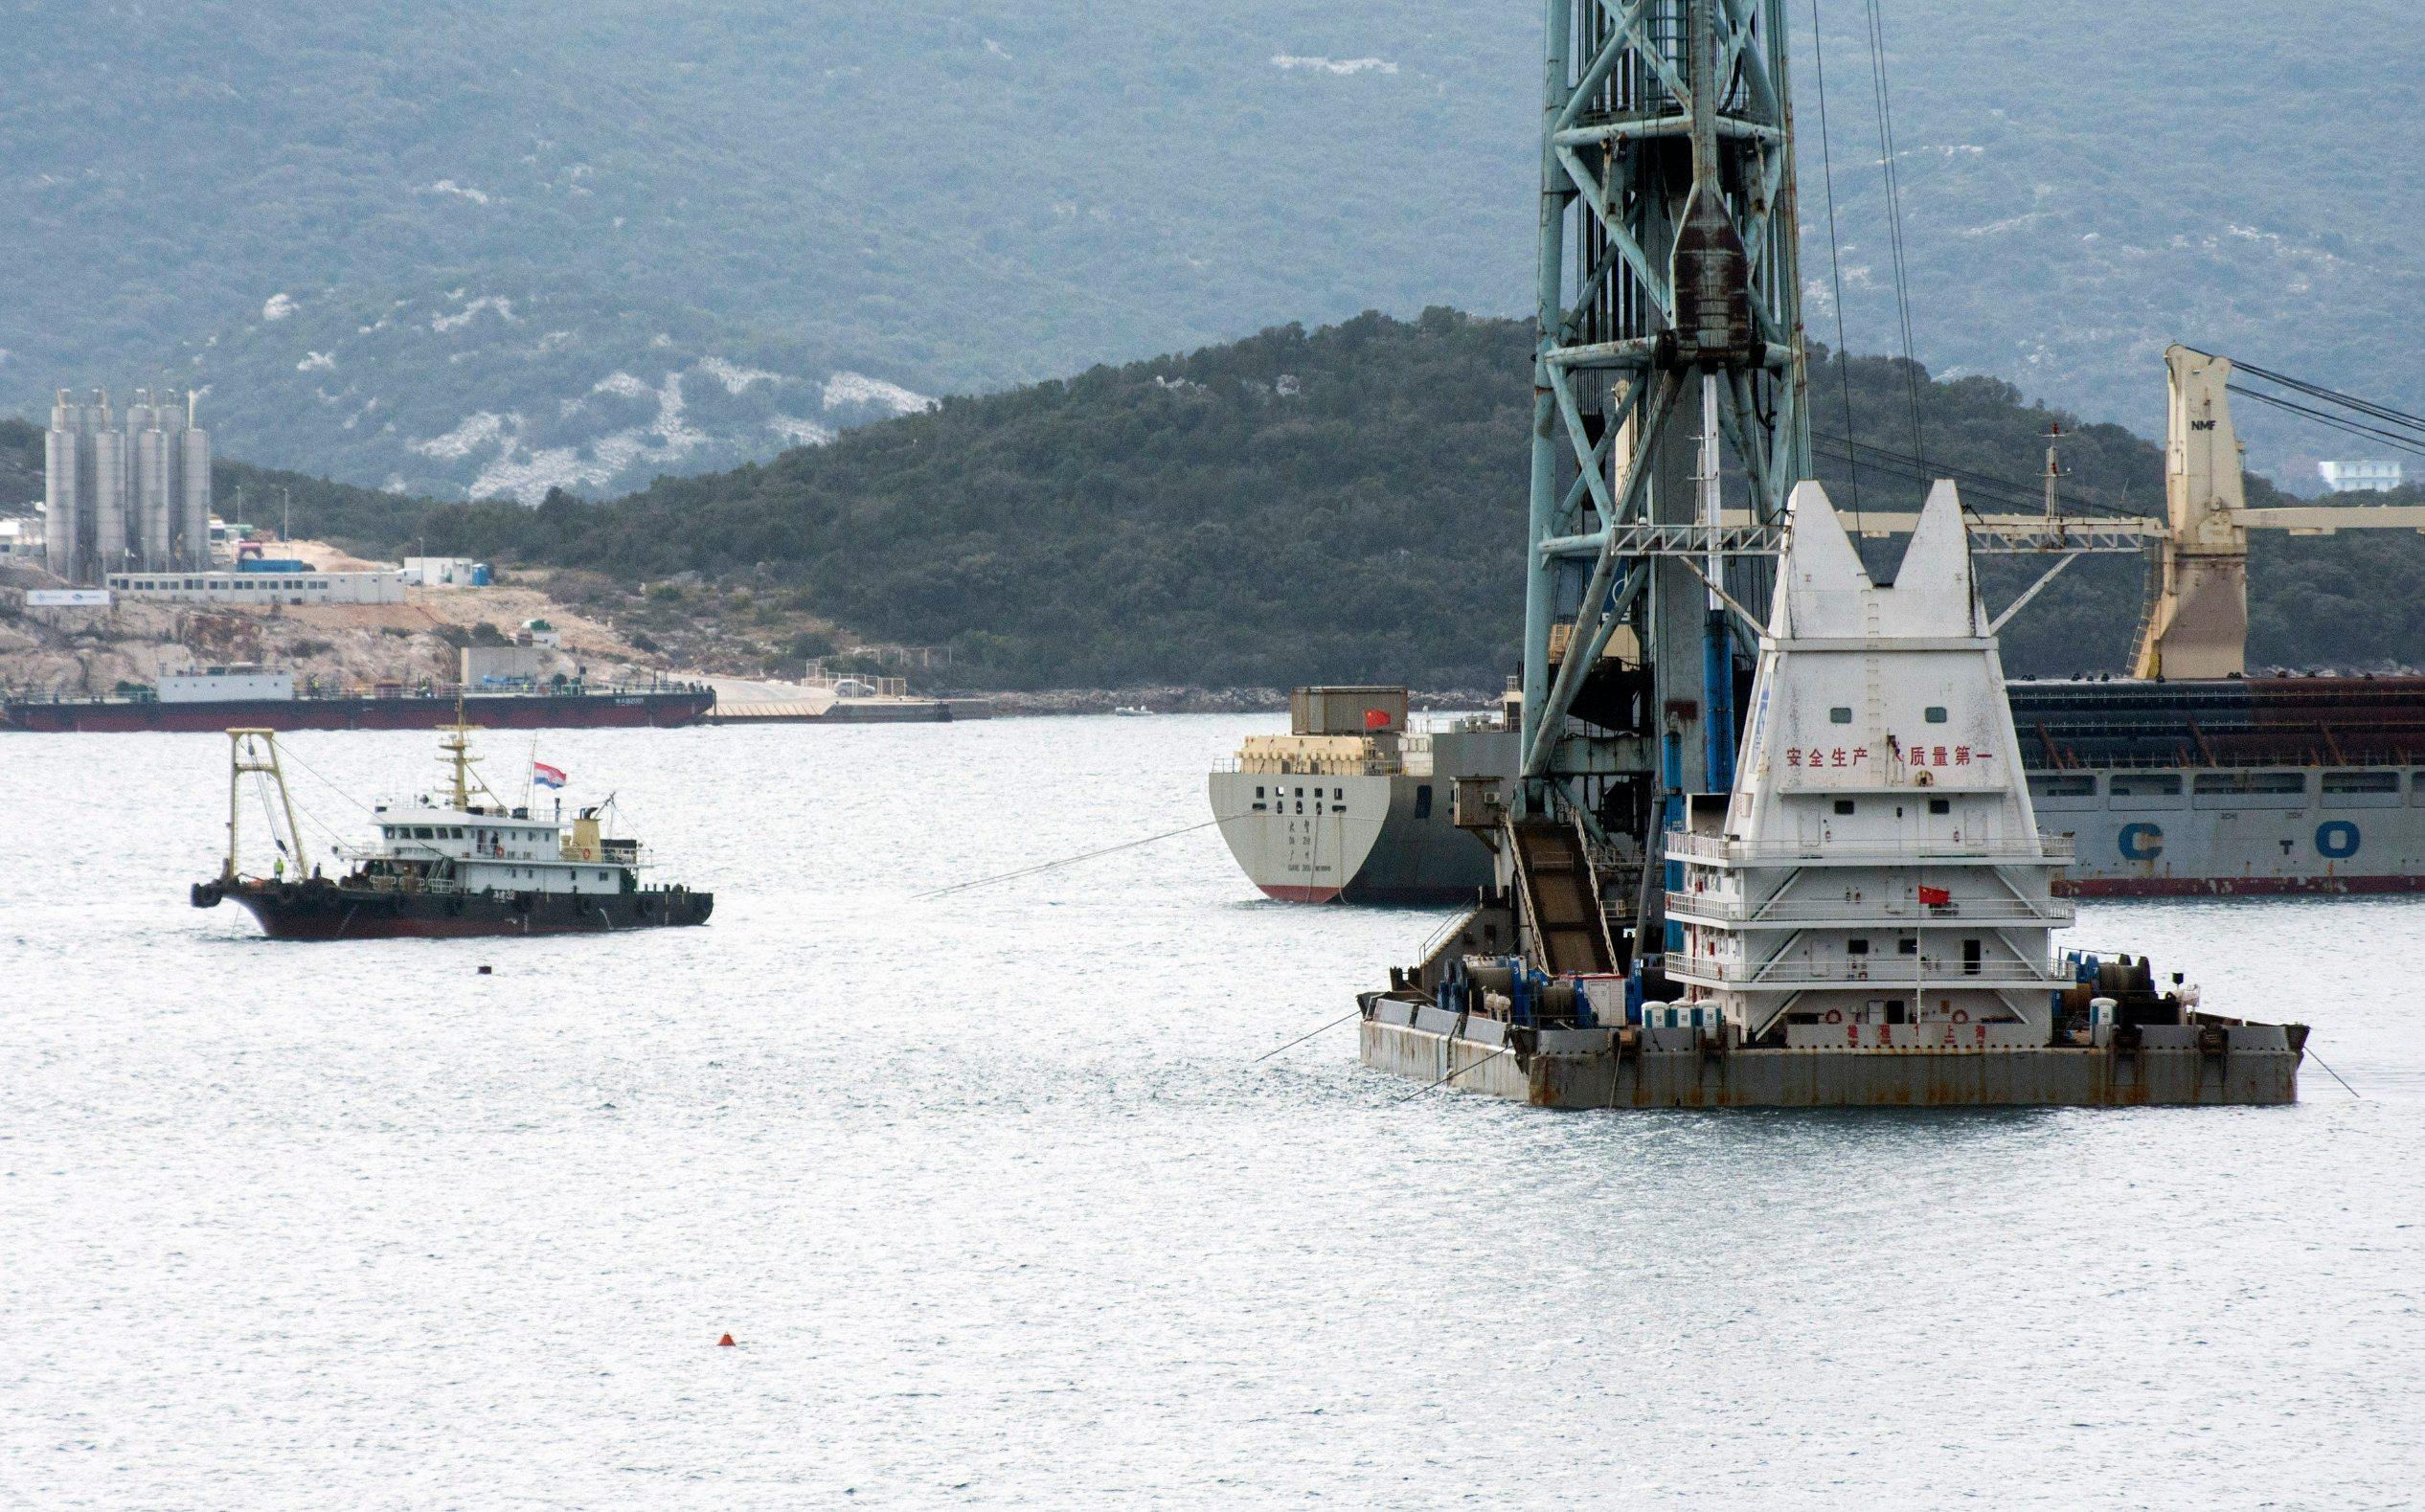 Novi brod s pilotima za Pelješki most na sidrištu ispred gradilišta mosta